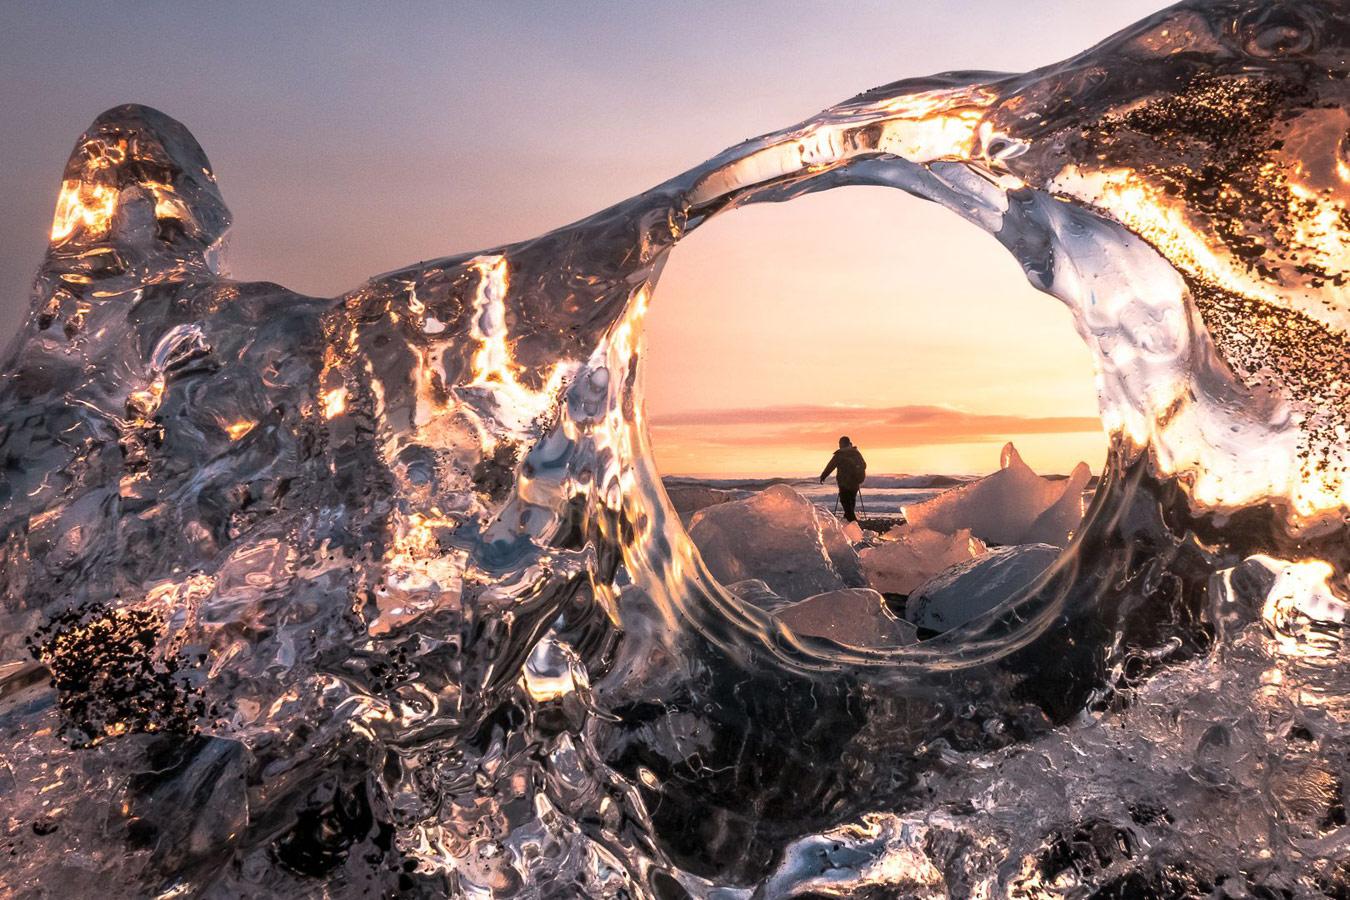 Ледяной фотограф, © Евгений Самученко, Фотоконкурс «Погодный фотограф года» — Weather Photographer of the Year